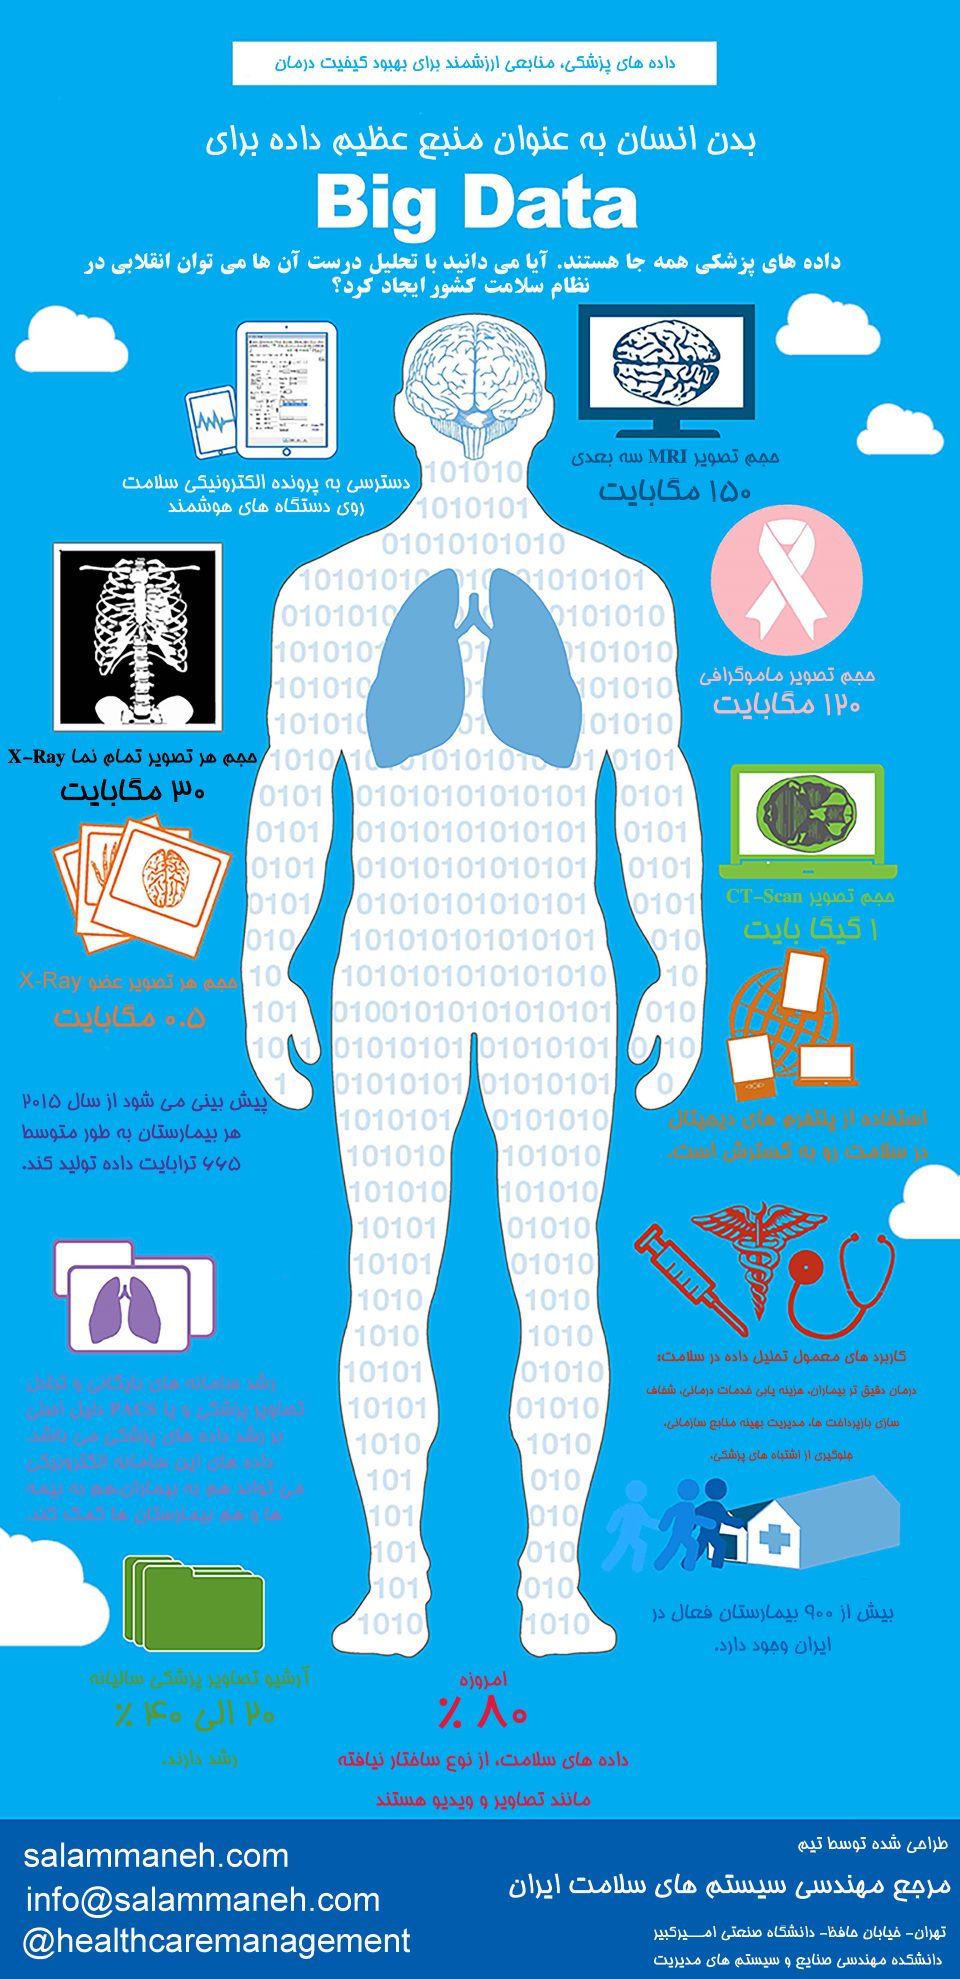 کلان داده در نظام سلامت